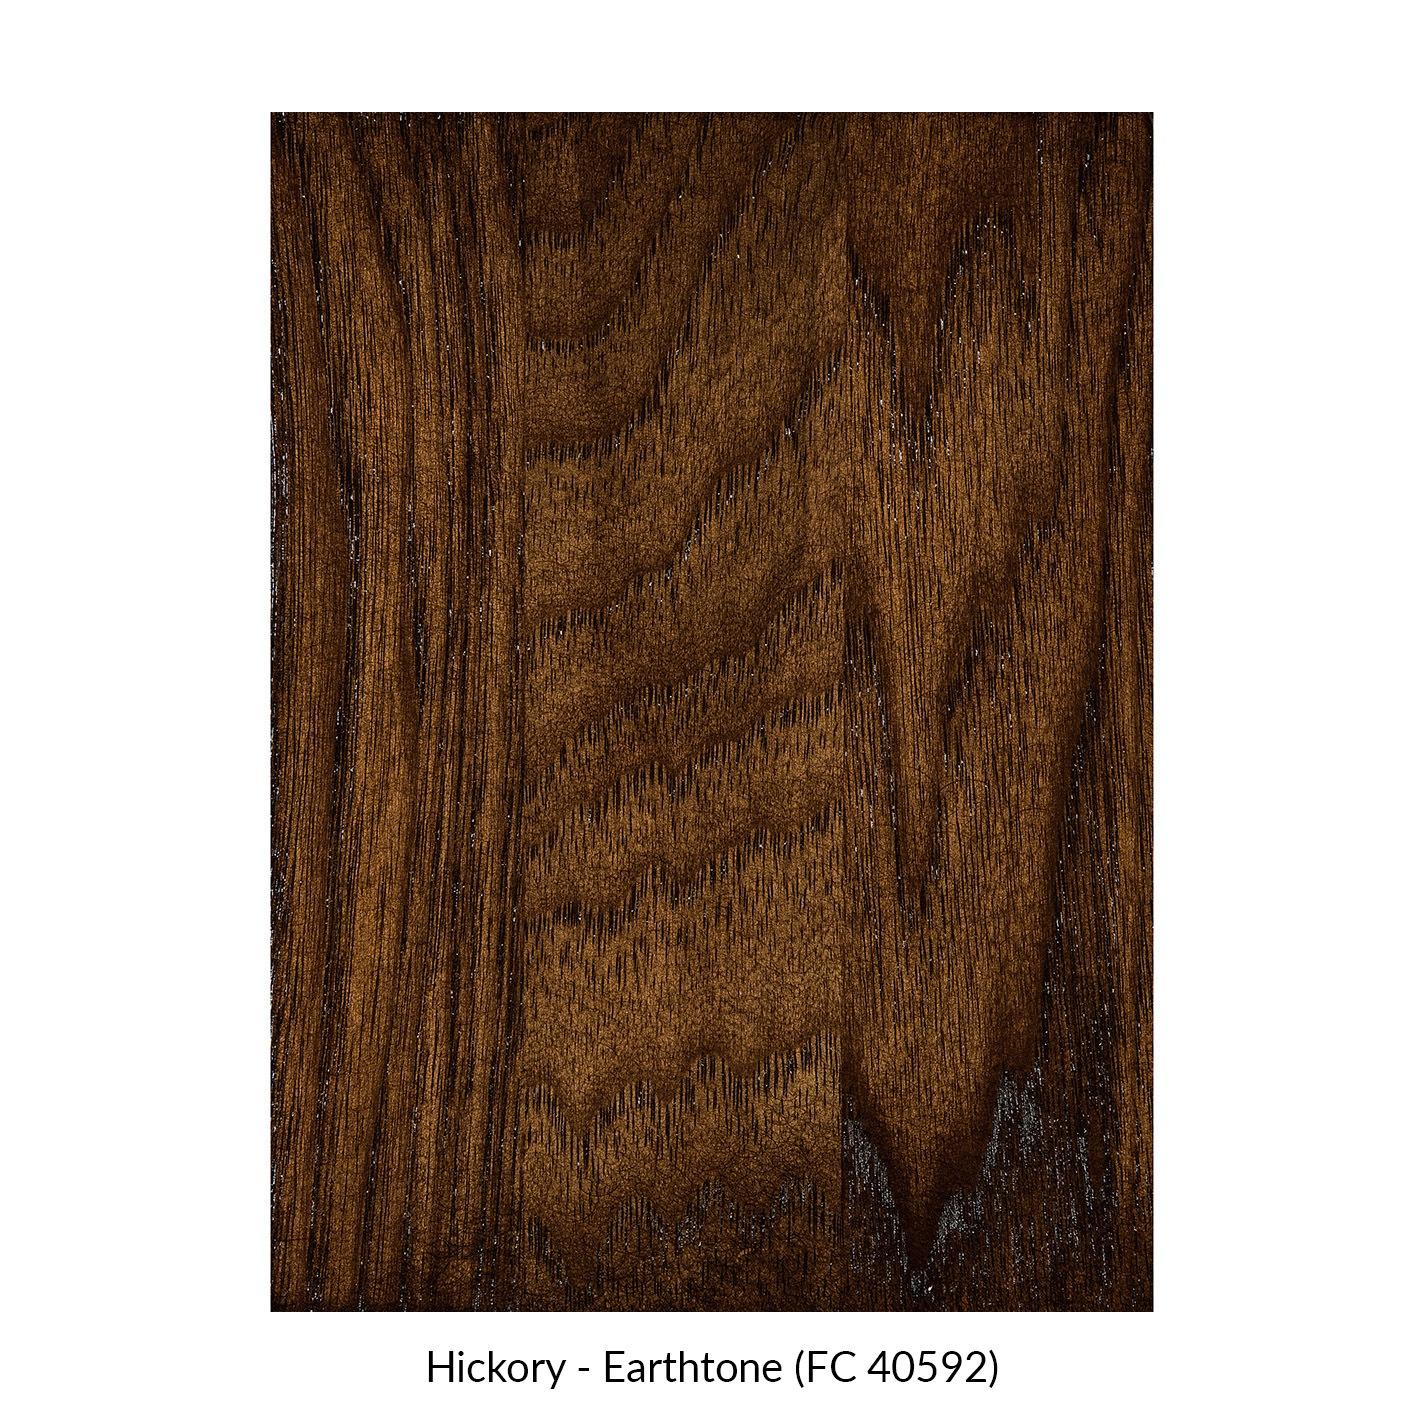 spectrum-hickory-earthtone-fc-40592.jpg